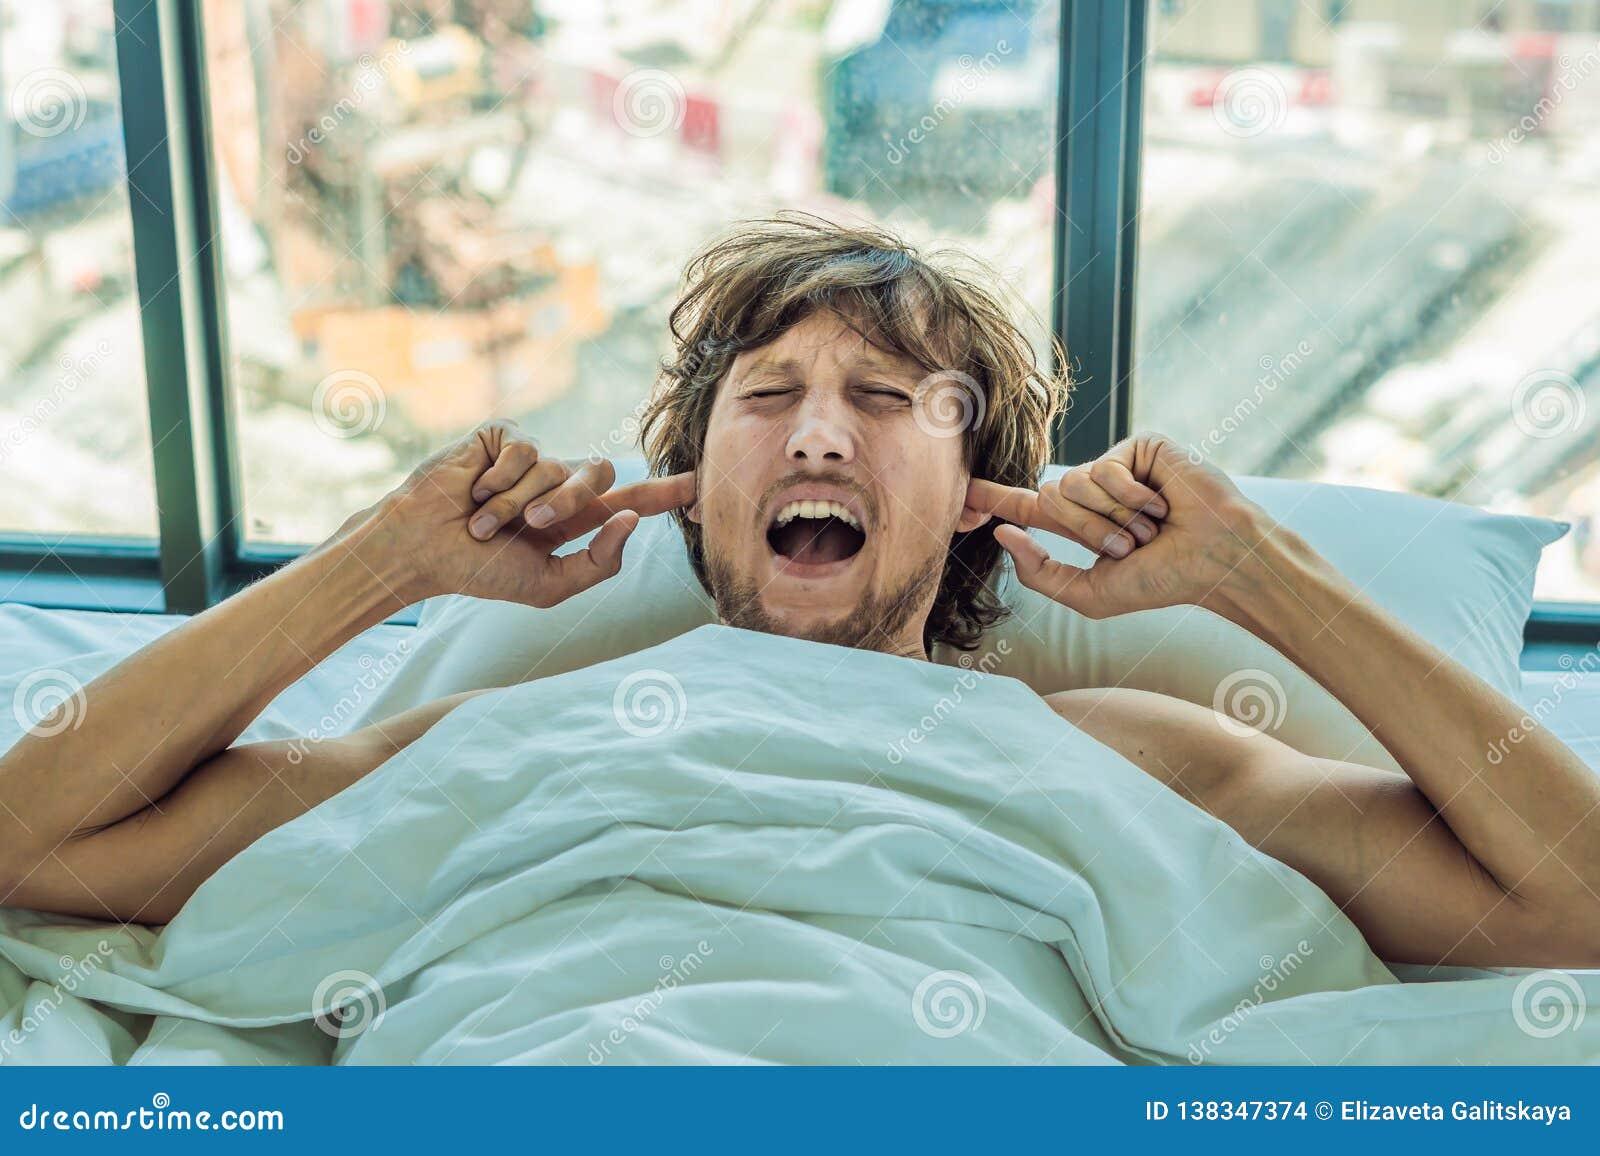 De jonge mens die op een bed liggen behandelde haar oren wegens het lawaai In het venster na het bed kunt u de bouw zien